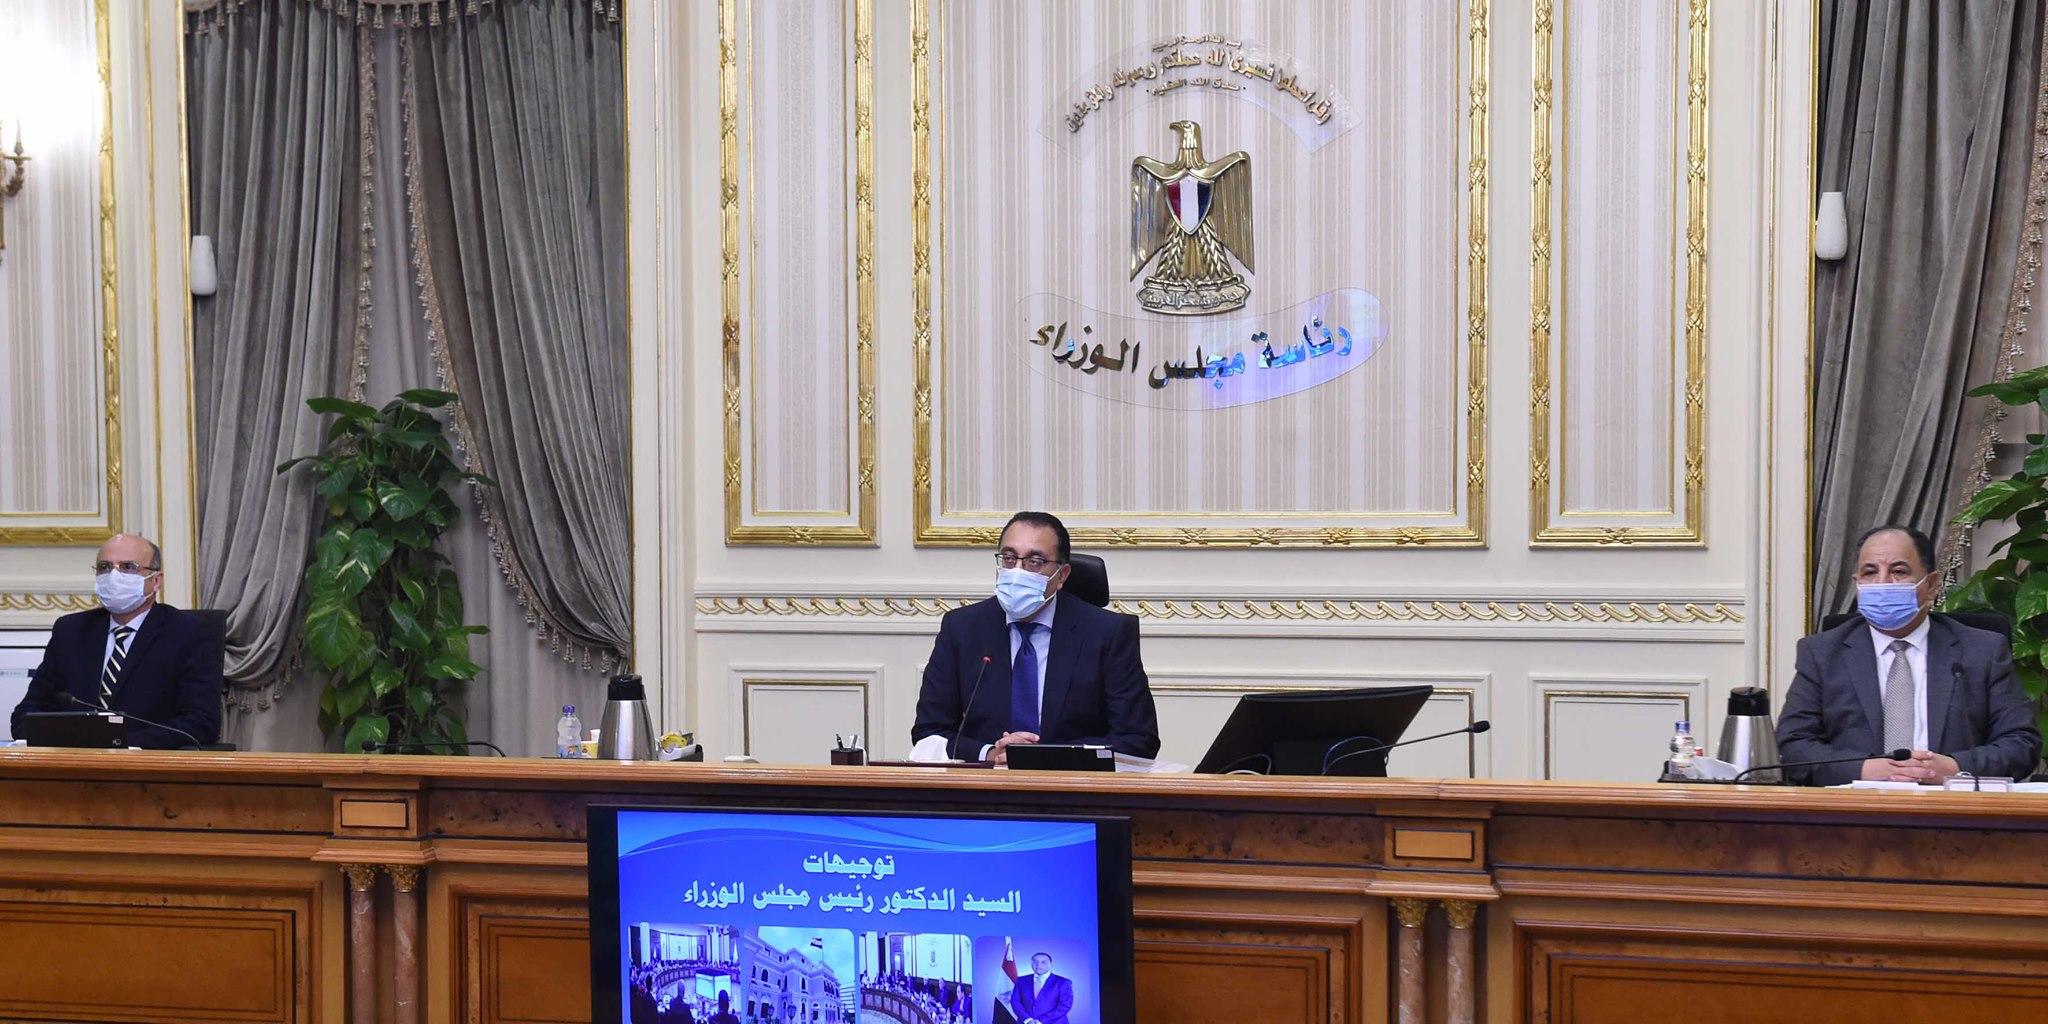 """الحكومة توافق على تأسيس """"السلع التموينية"""" لشركة مساهمة لنقل السلع داخل وخارج مصر"""